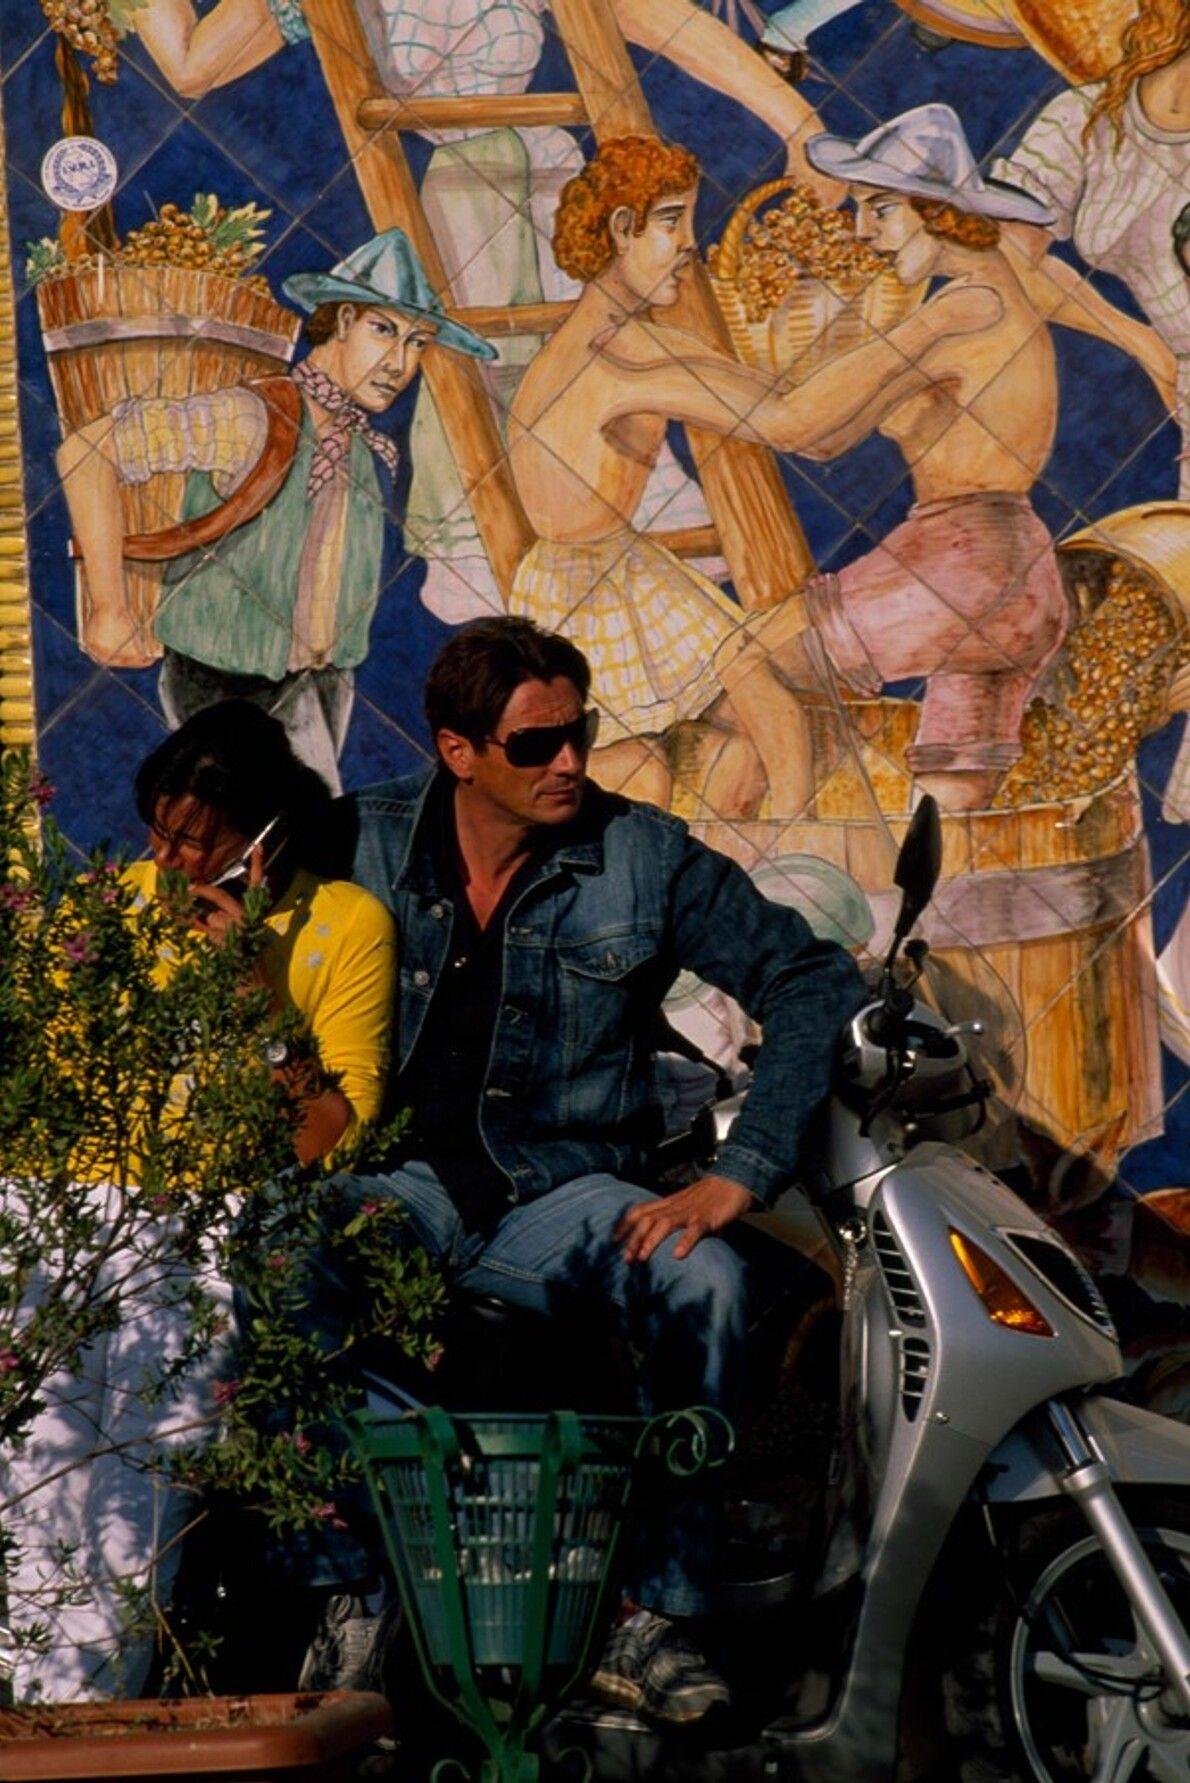 In Vietri, einer Hafenstadt westlich von Salerno an der Amalfiküste, sitzen ein Mann und eine Frau ...